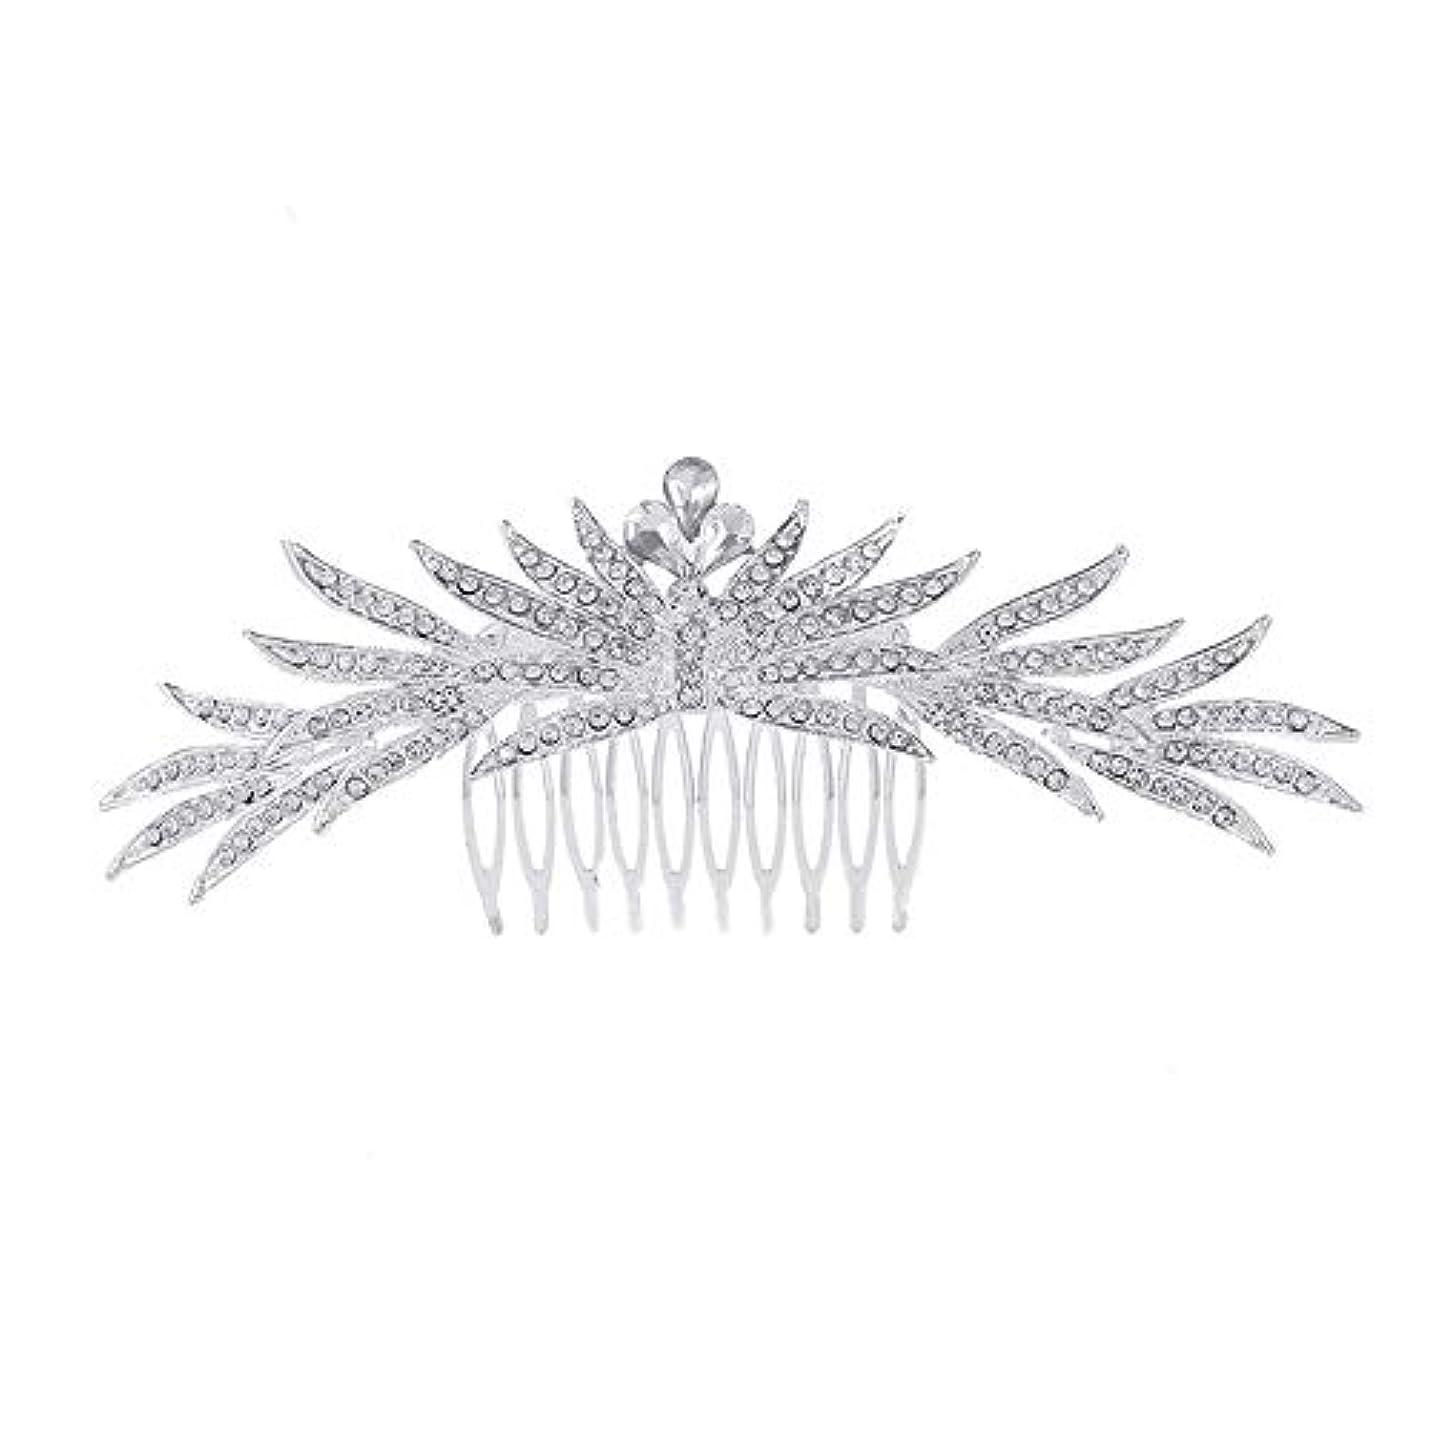 苦悩アルネ株式髪の櫛の櫛の櫛花嫁の髪の櫛ラインストーンの櫛亜鉛合金ブライダルヘッドドレス結婚式のアクセサリー挿入櫛